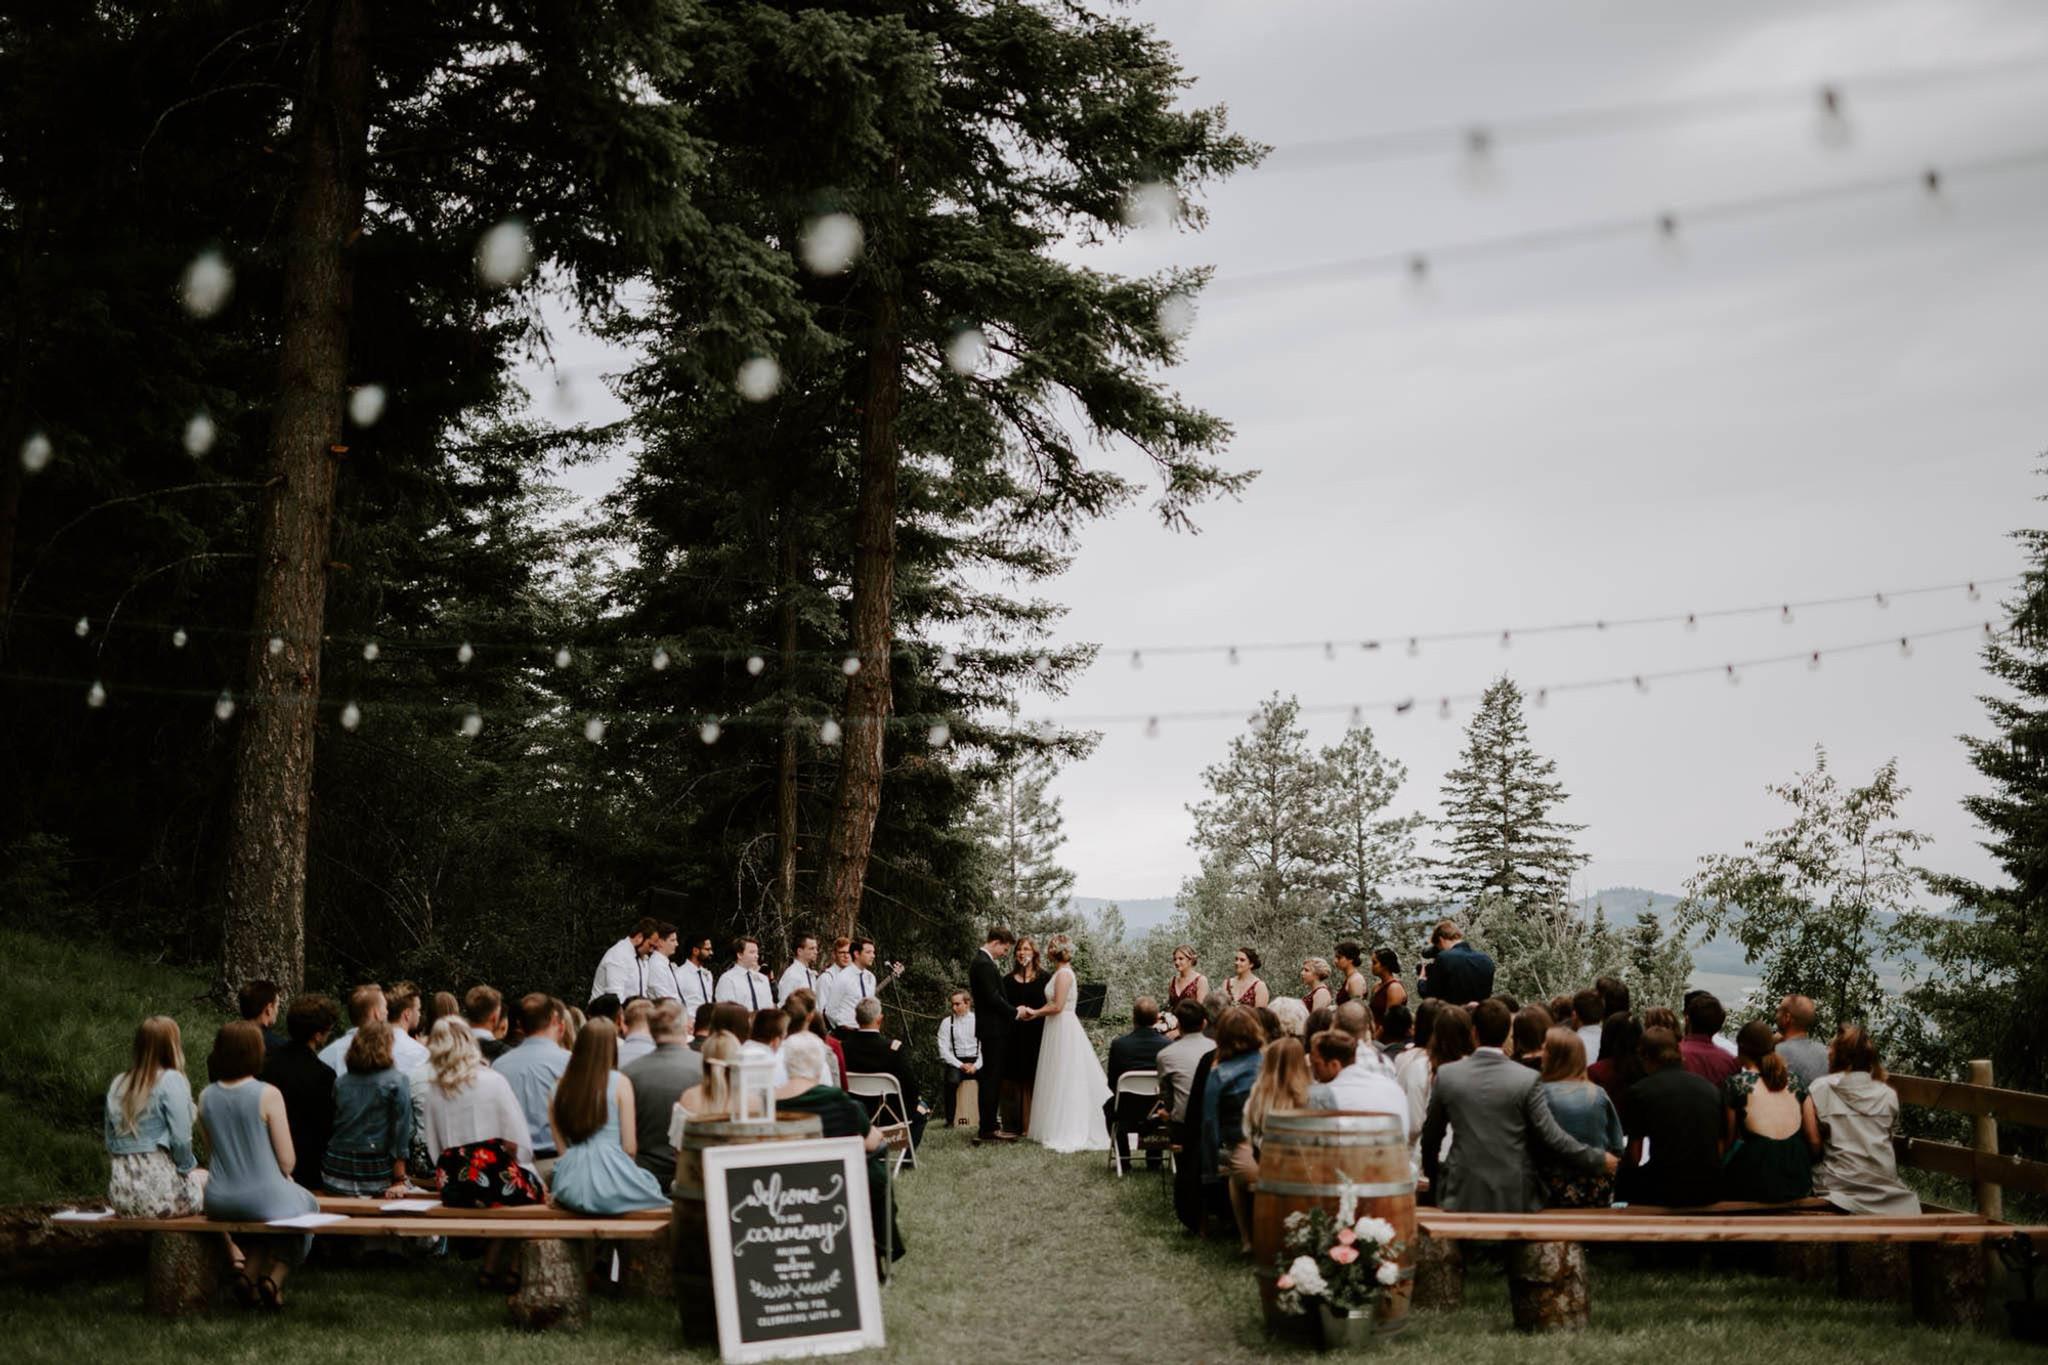 Full Wedding Weekend Venue Package